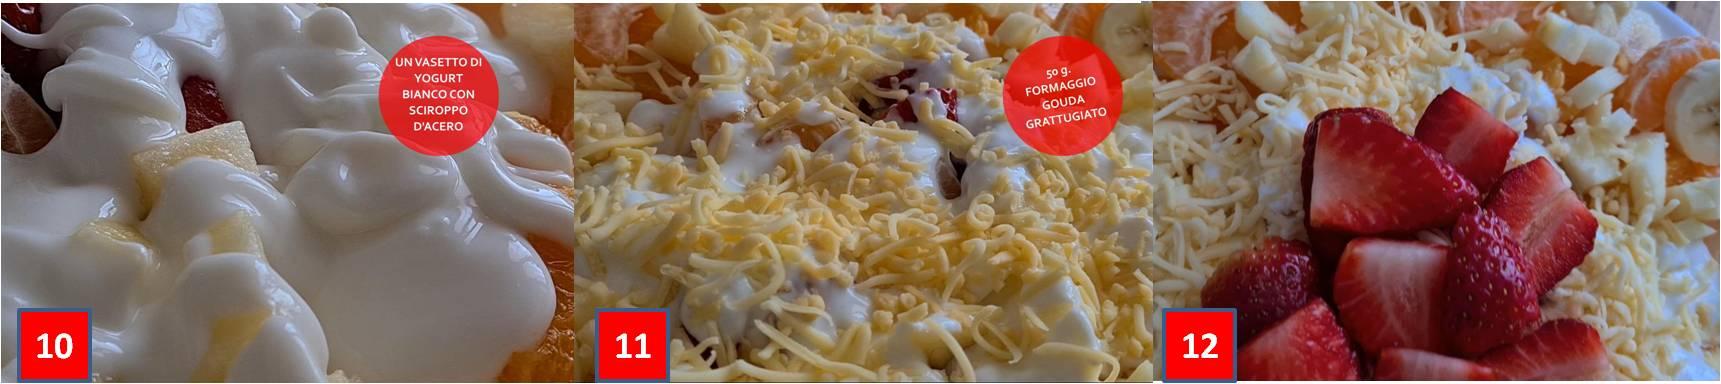 ricetta insalata di frutta con yogurt e gouda